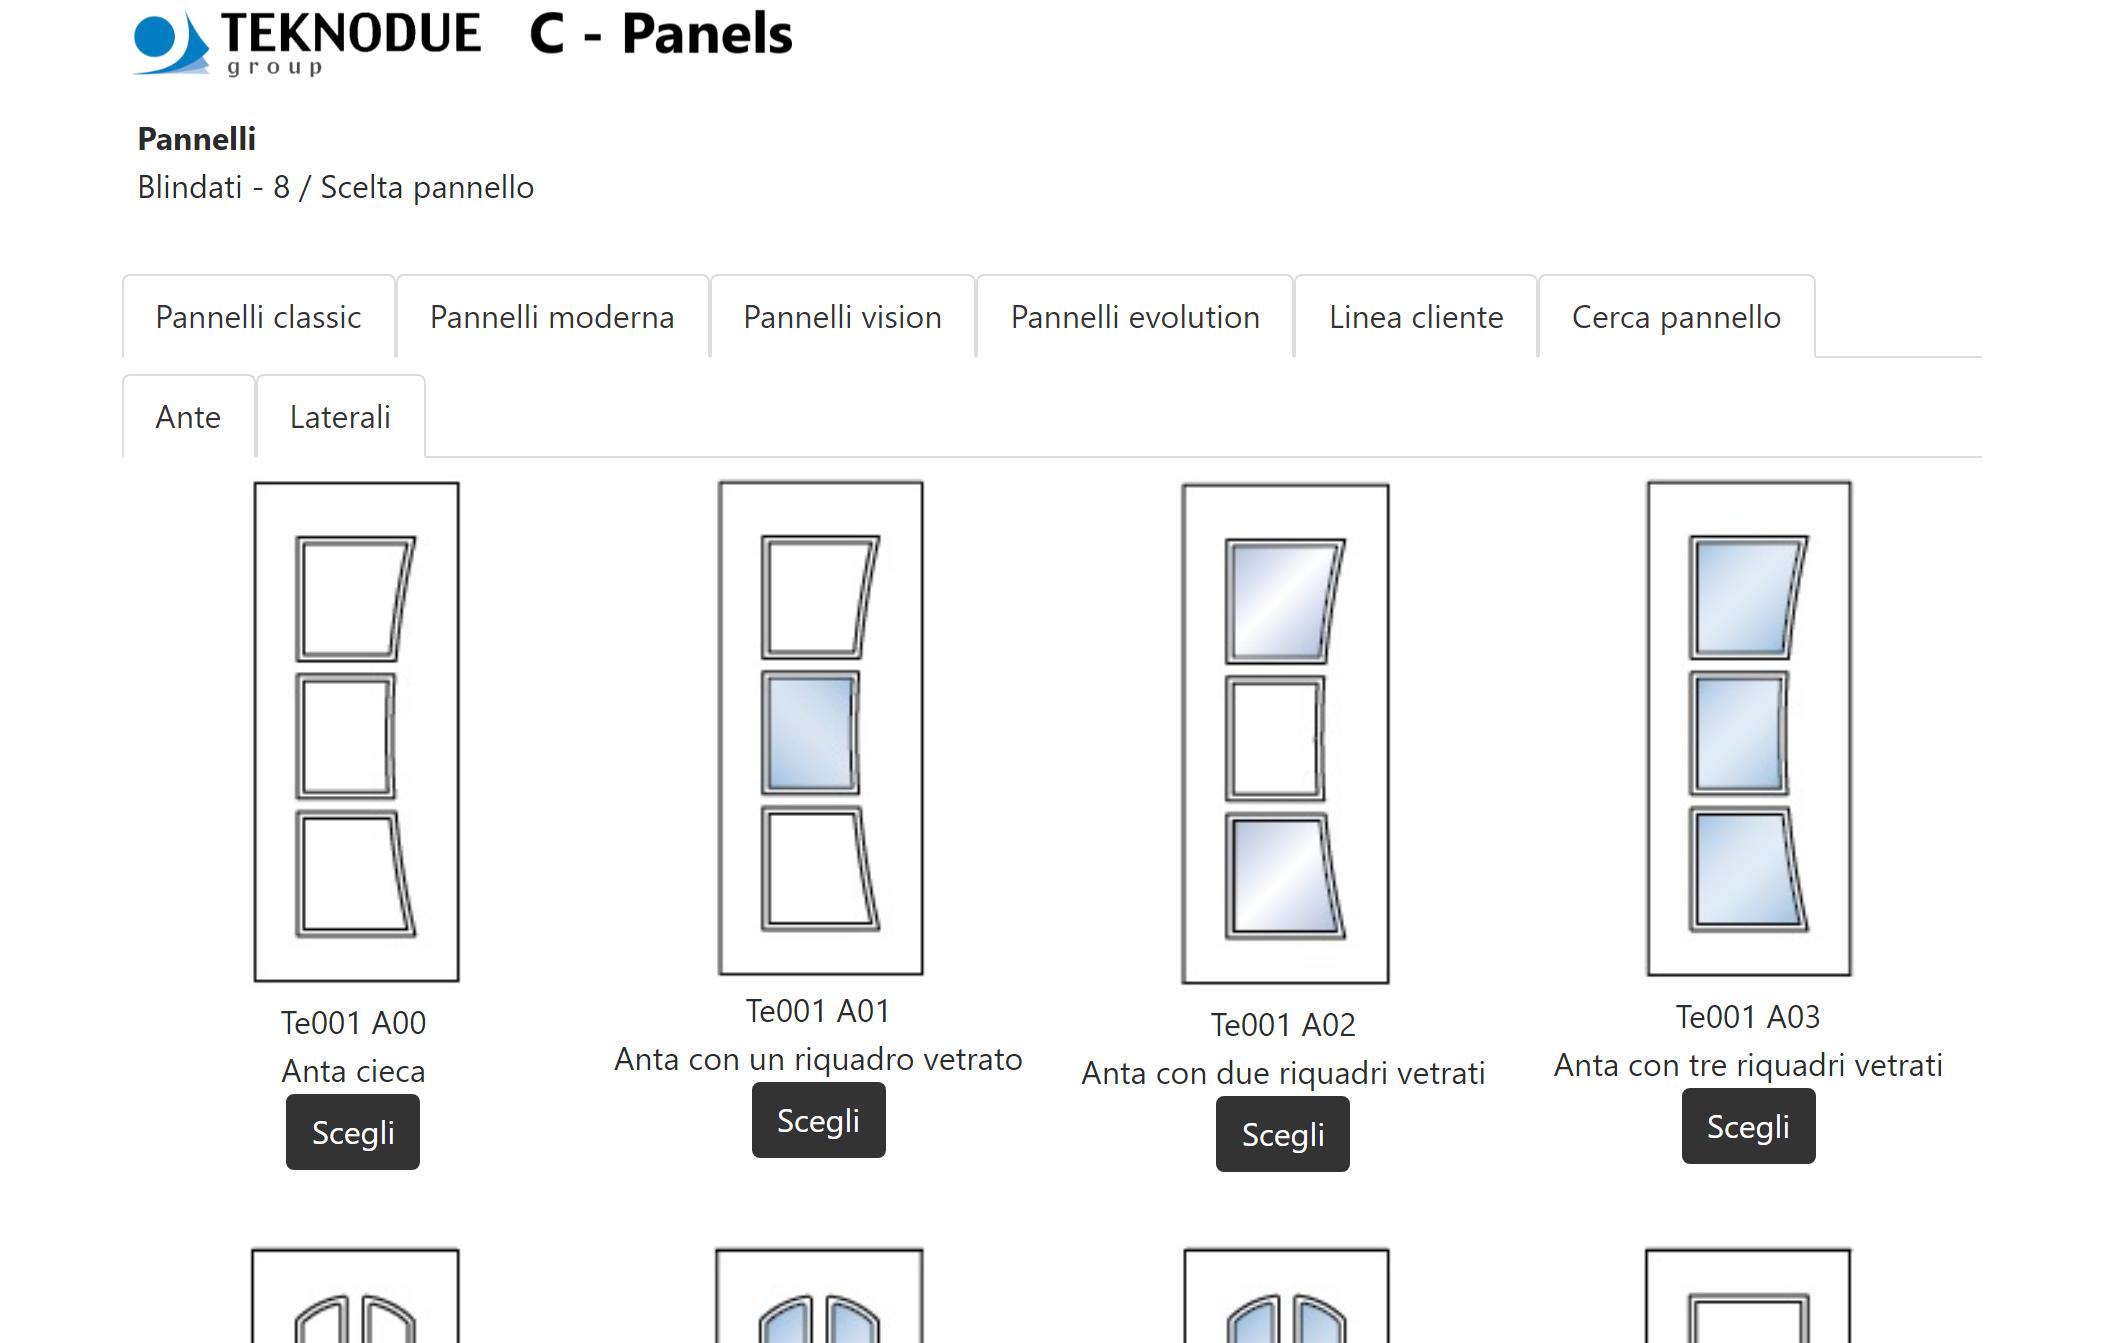 Il configuratore d'ordini che ho sviluppato per la Teknodue Group